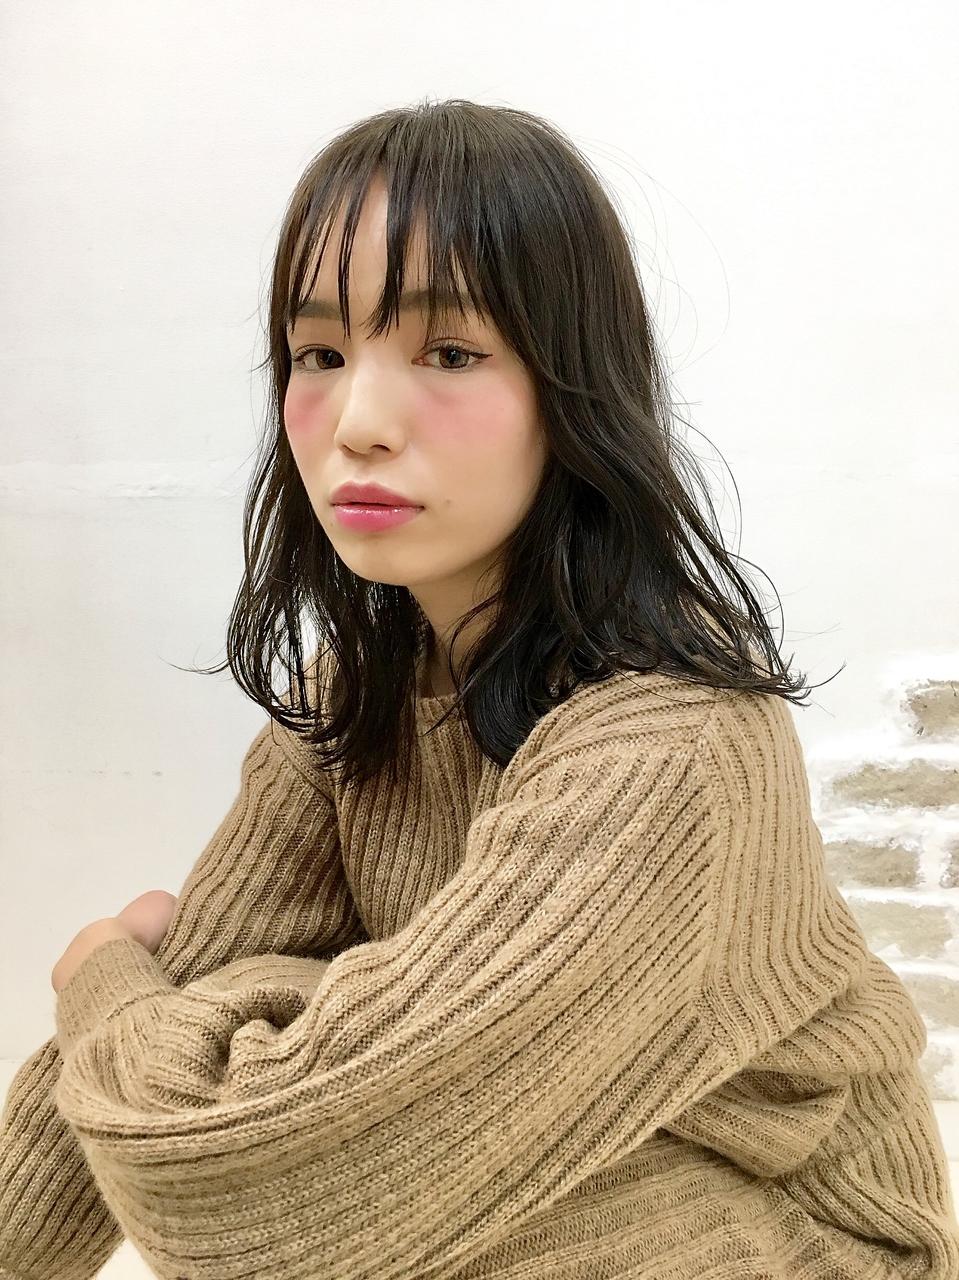 ばっさりイメチェン☆ラフミディー